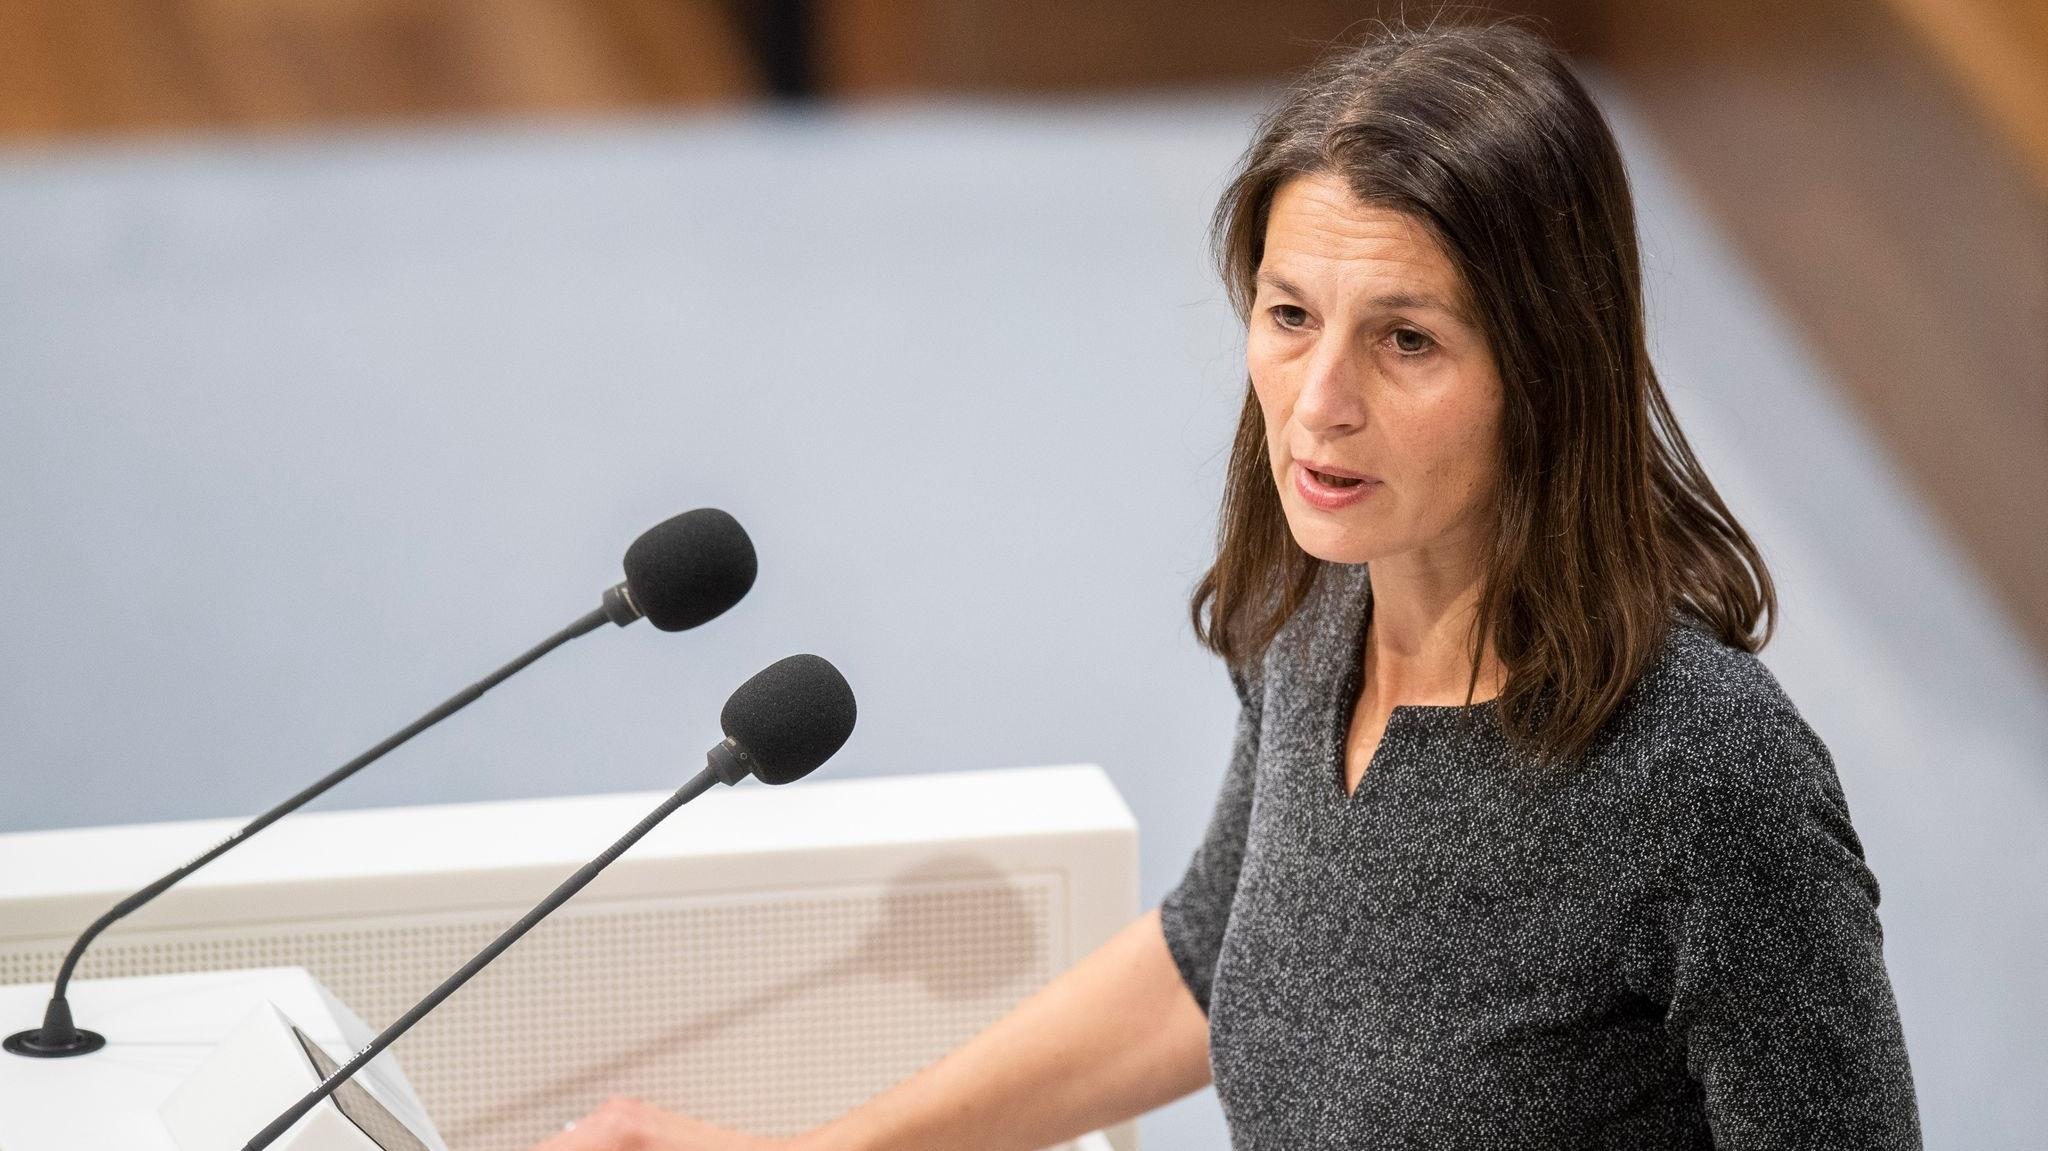 Miriam Staudte (Bündnis 90/Die Grünen). Foto: dpa/Stratenschulte